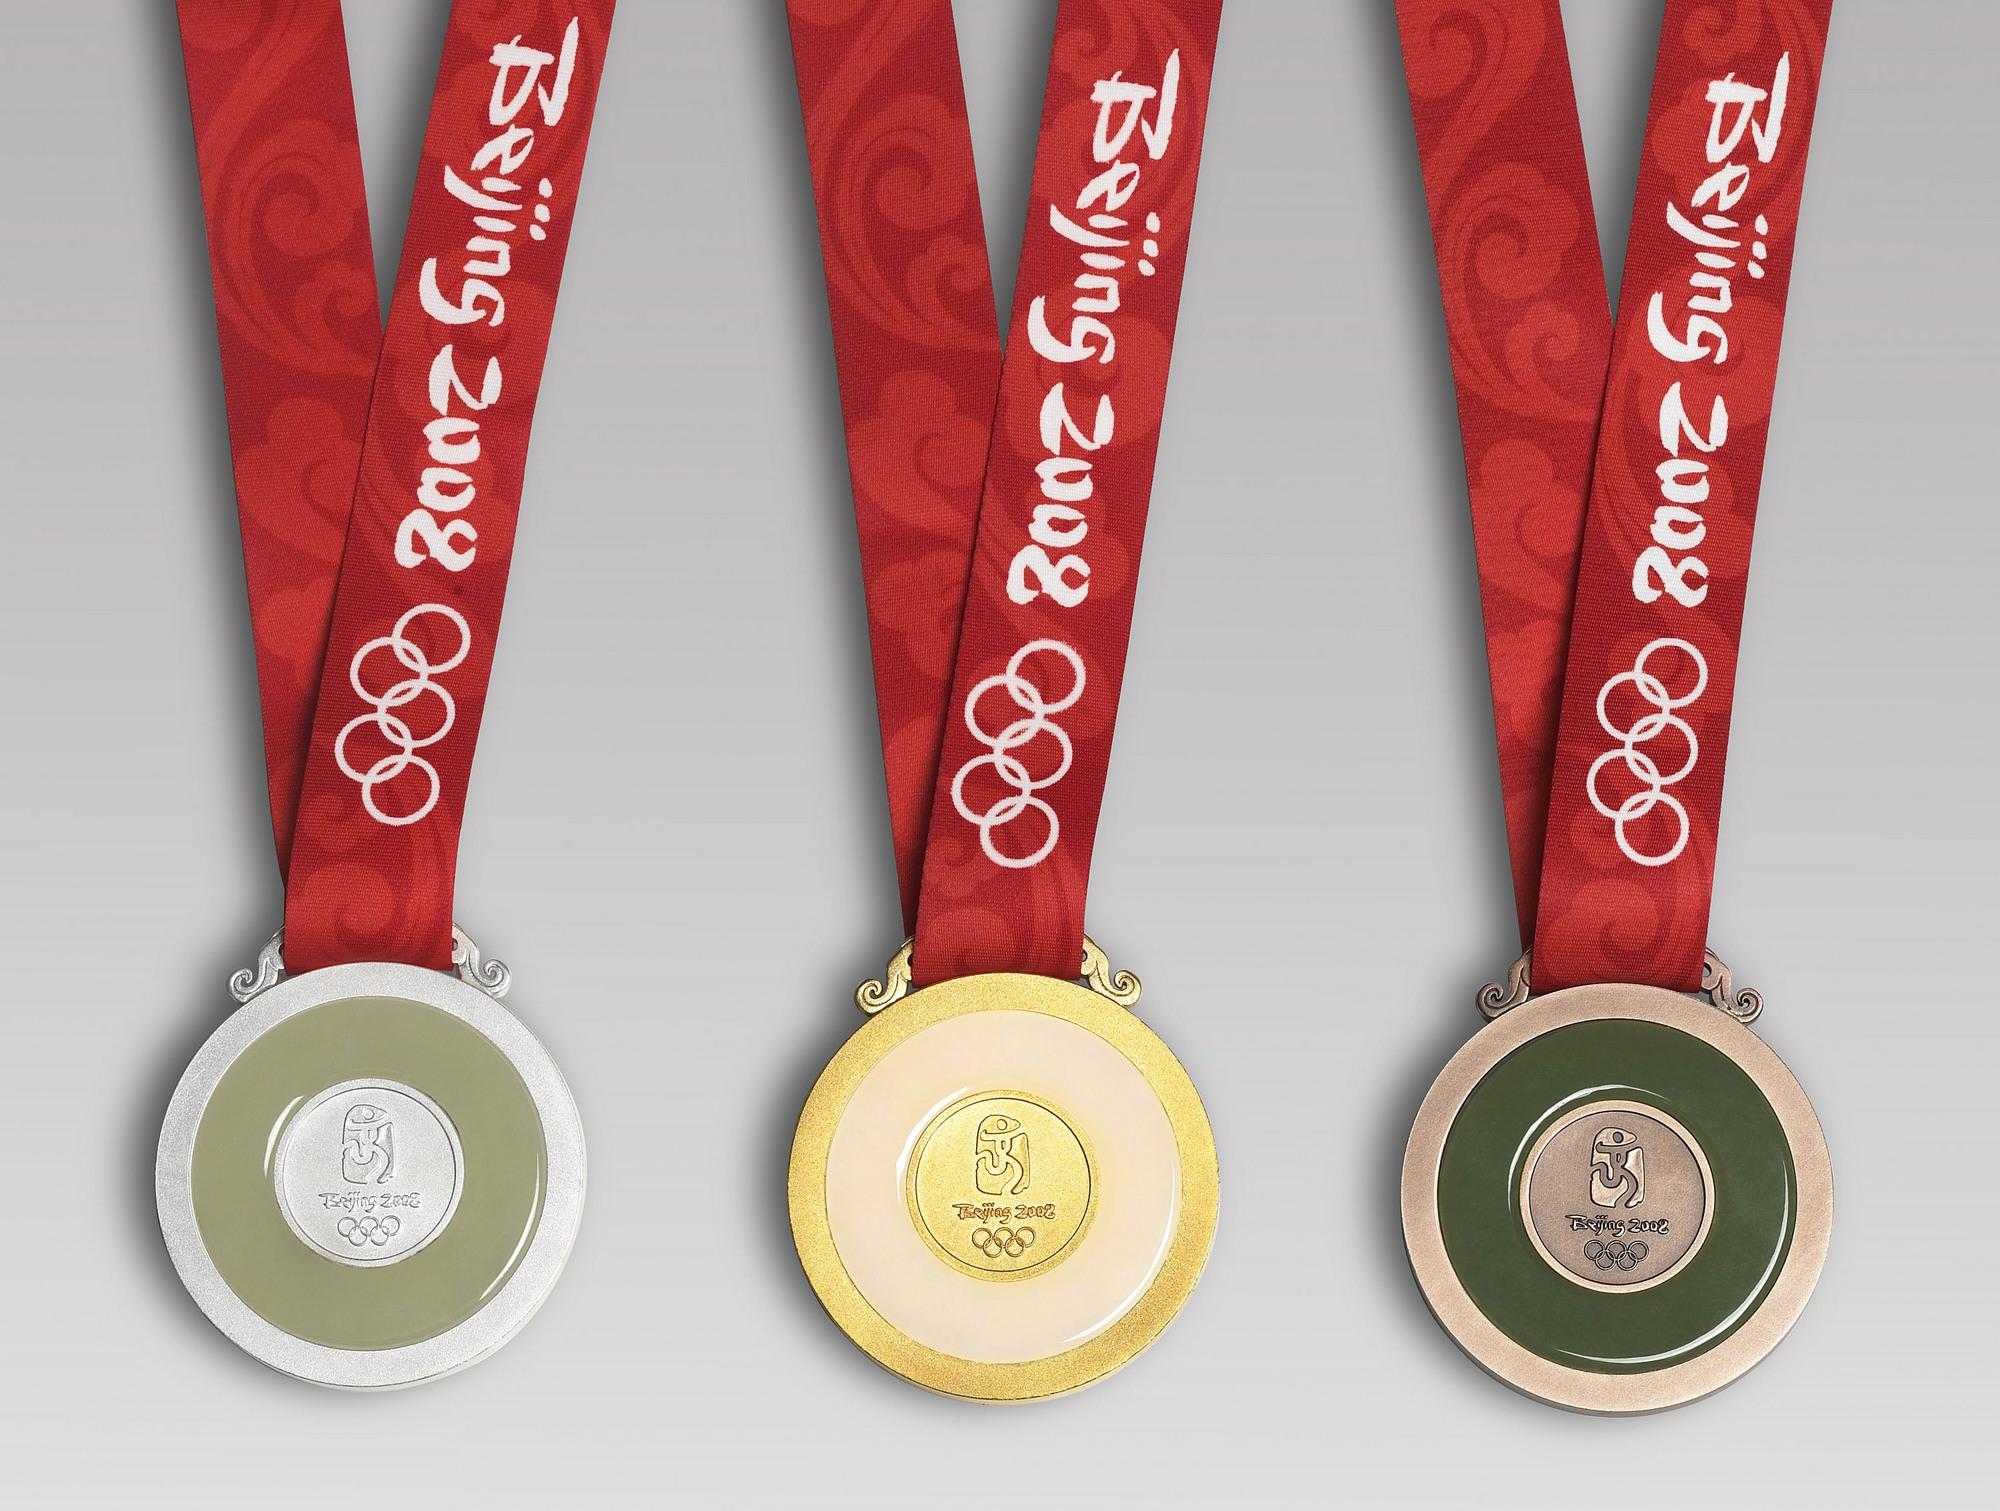 Жители России получили новые обвинения после перепроверки допинг-пробОИ